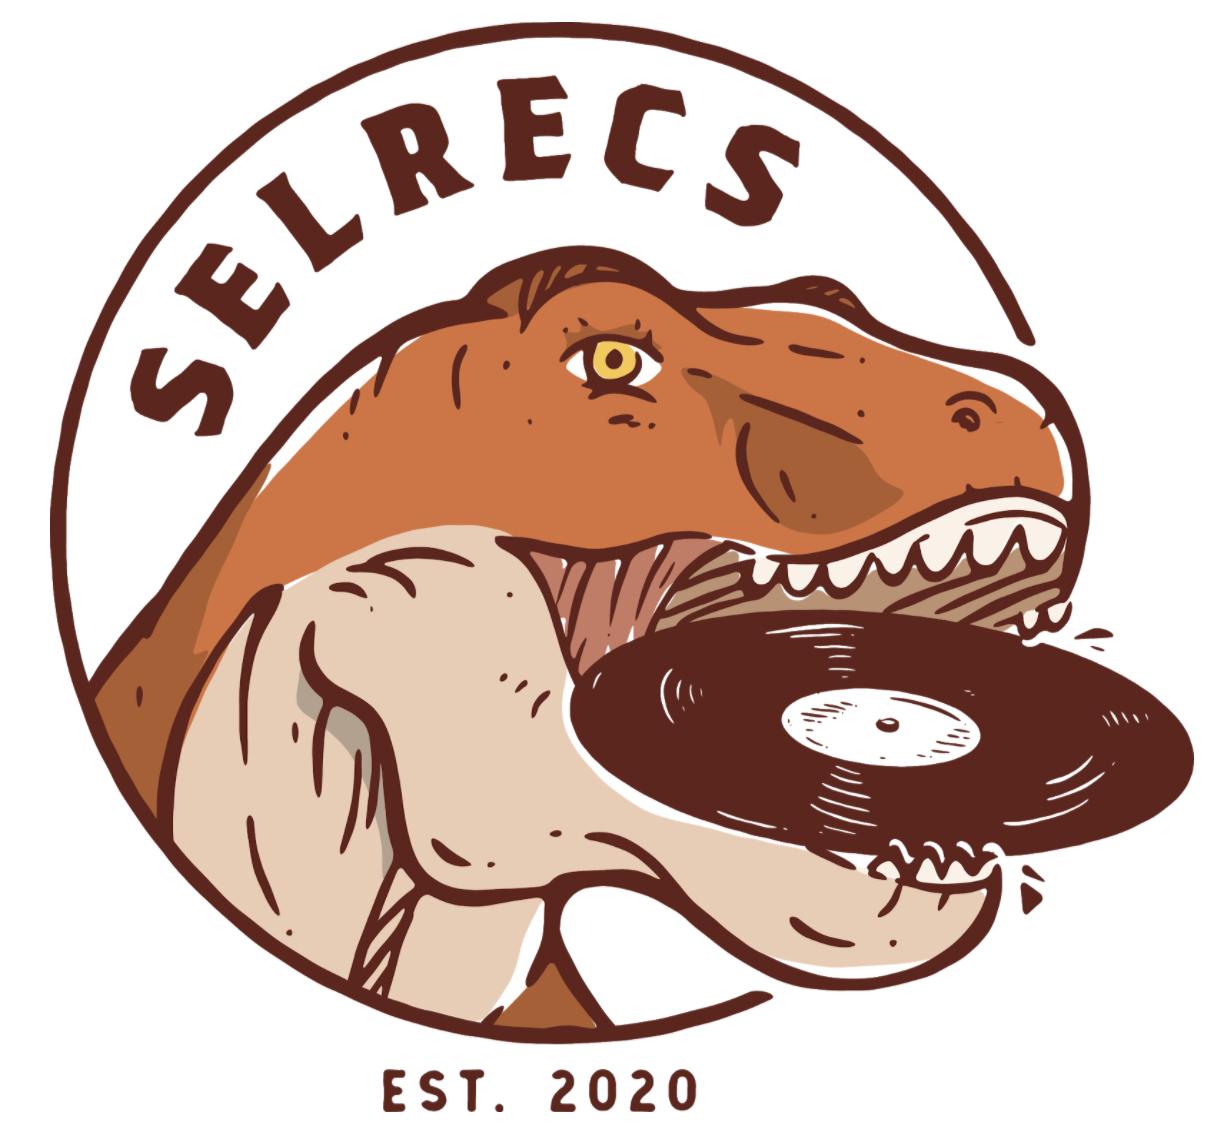 selrecs.com